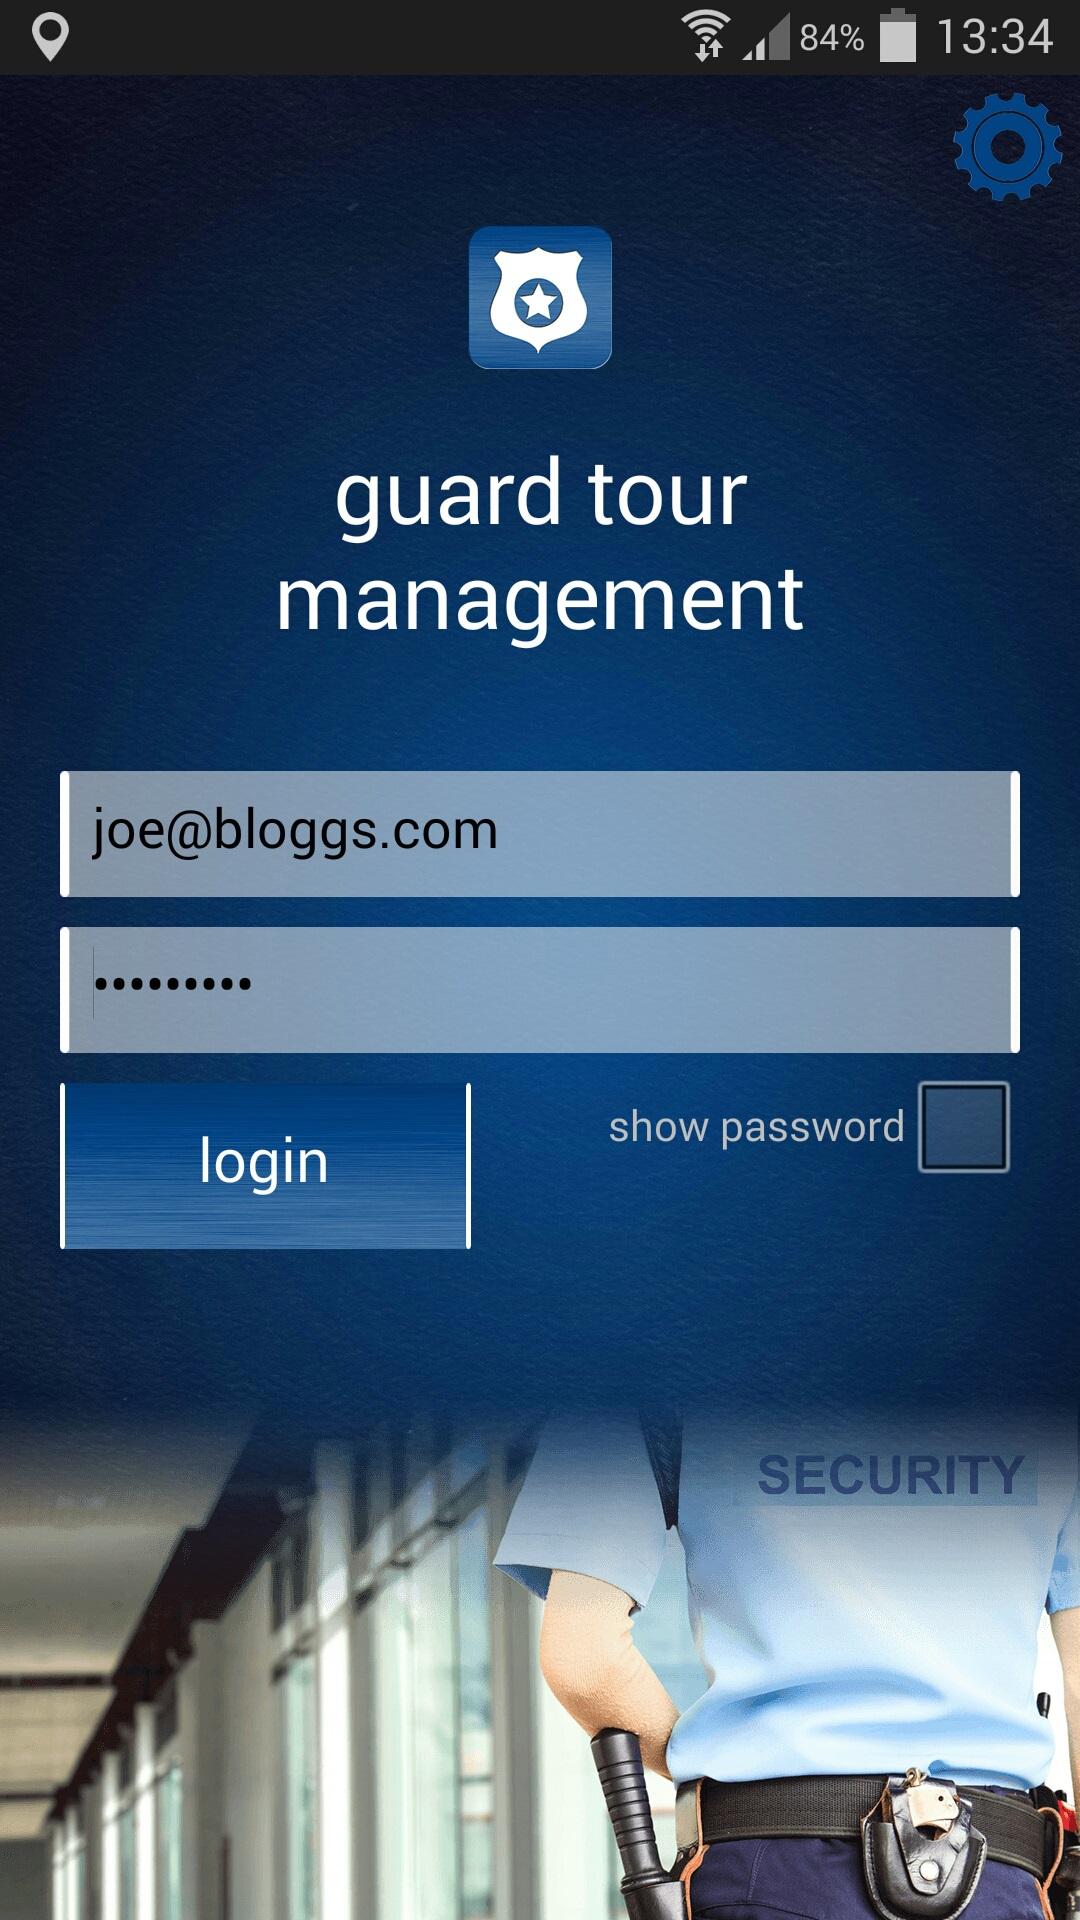 guardTourManagement_EN_1